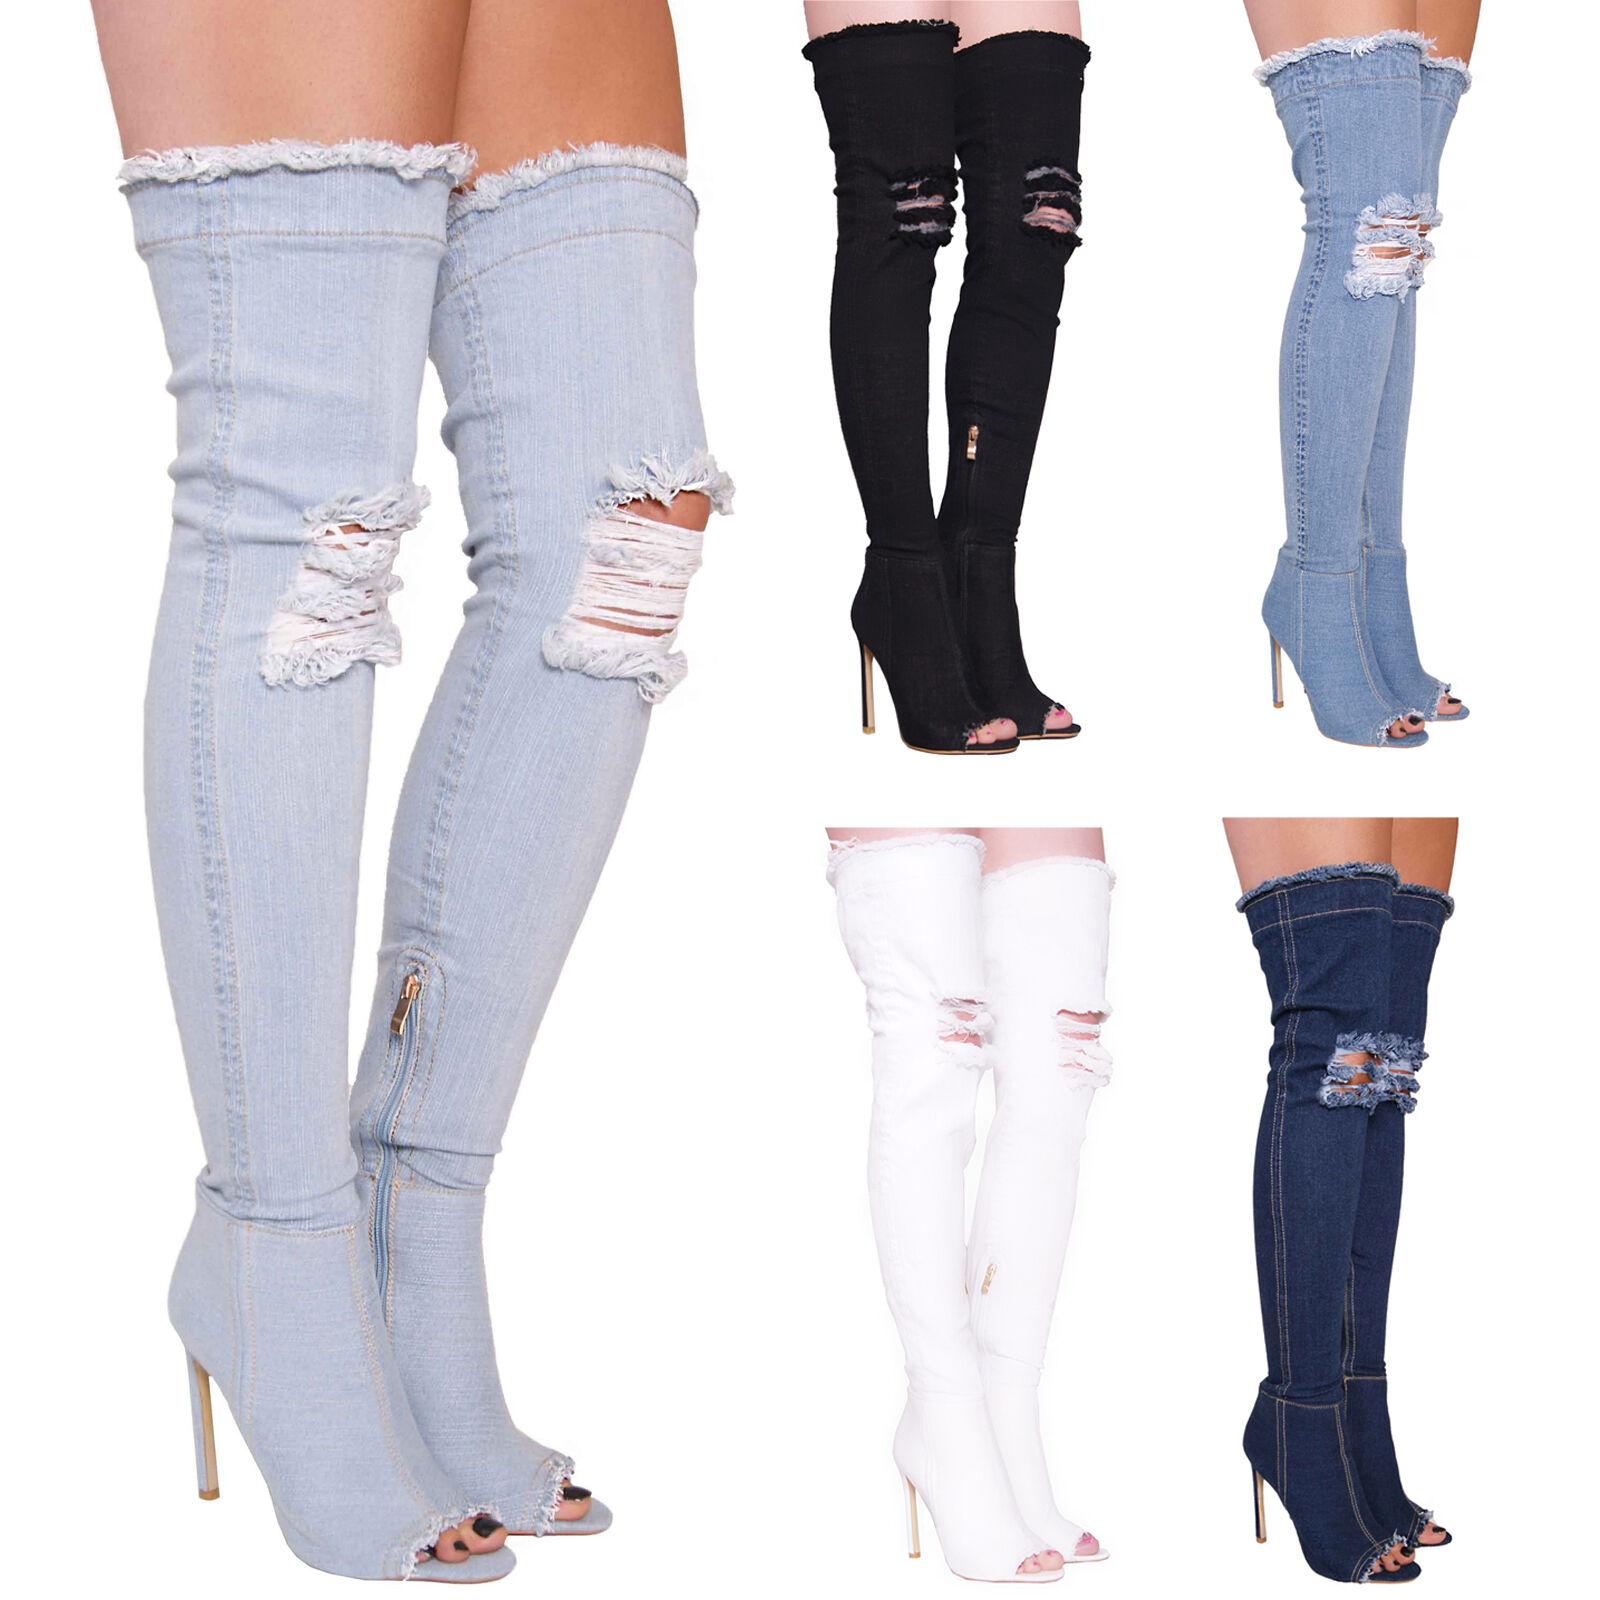 Donna in Denim sopra il ginocchio Peep Toe 5 STRAPPATO MISURA 3 4 5 Toe 6 7 8 9 18a651